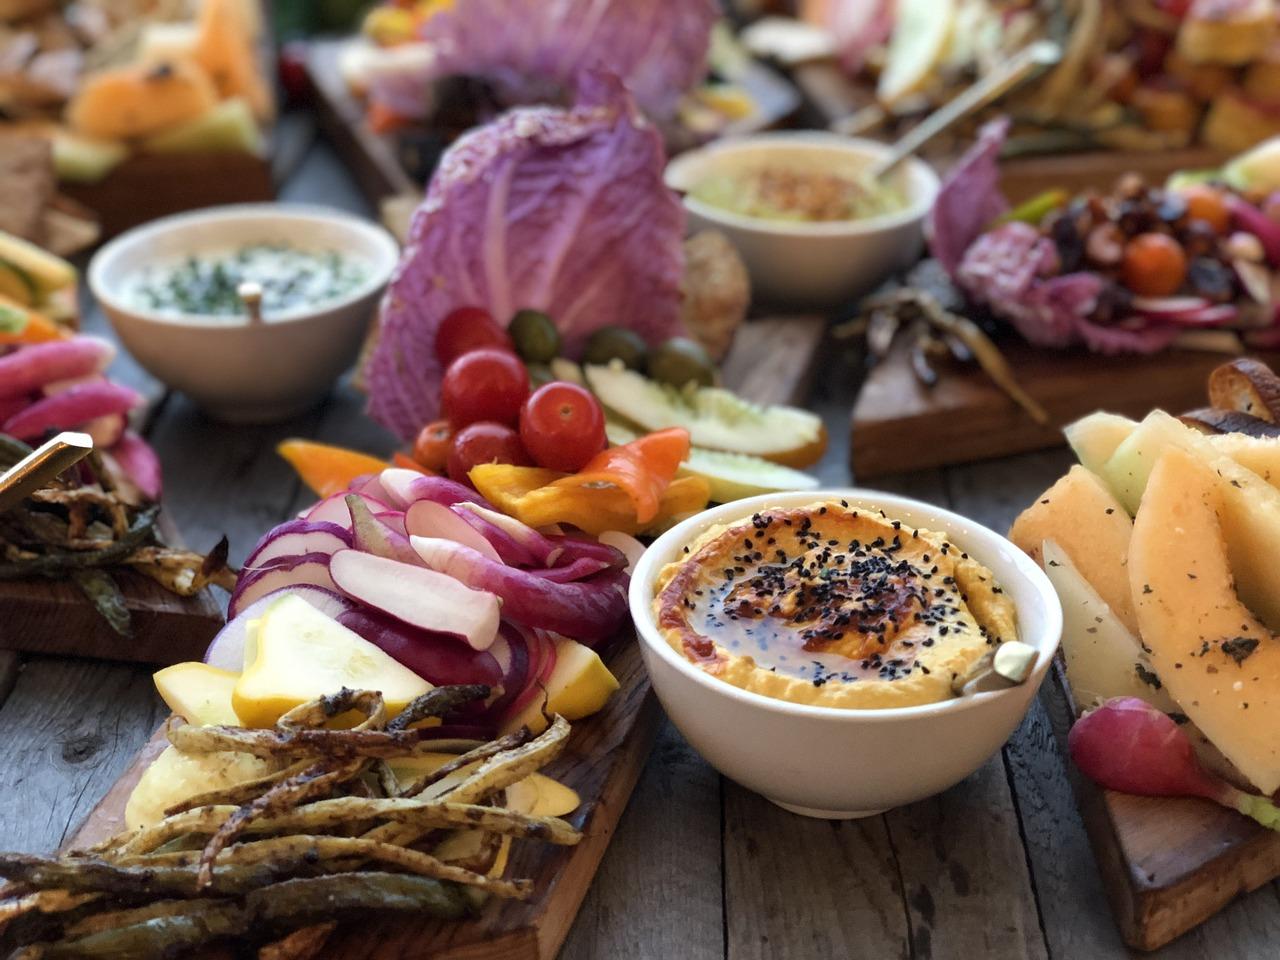 Gemüse und ein Dip.Levante-Küche – Ein neuer Trend